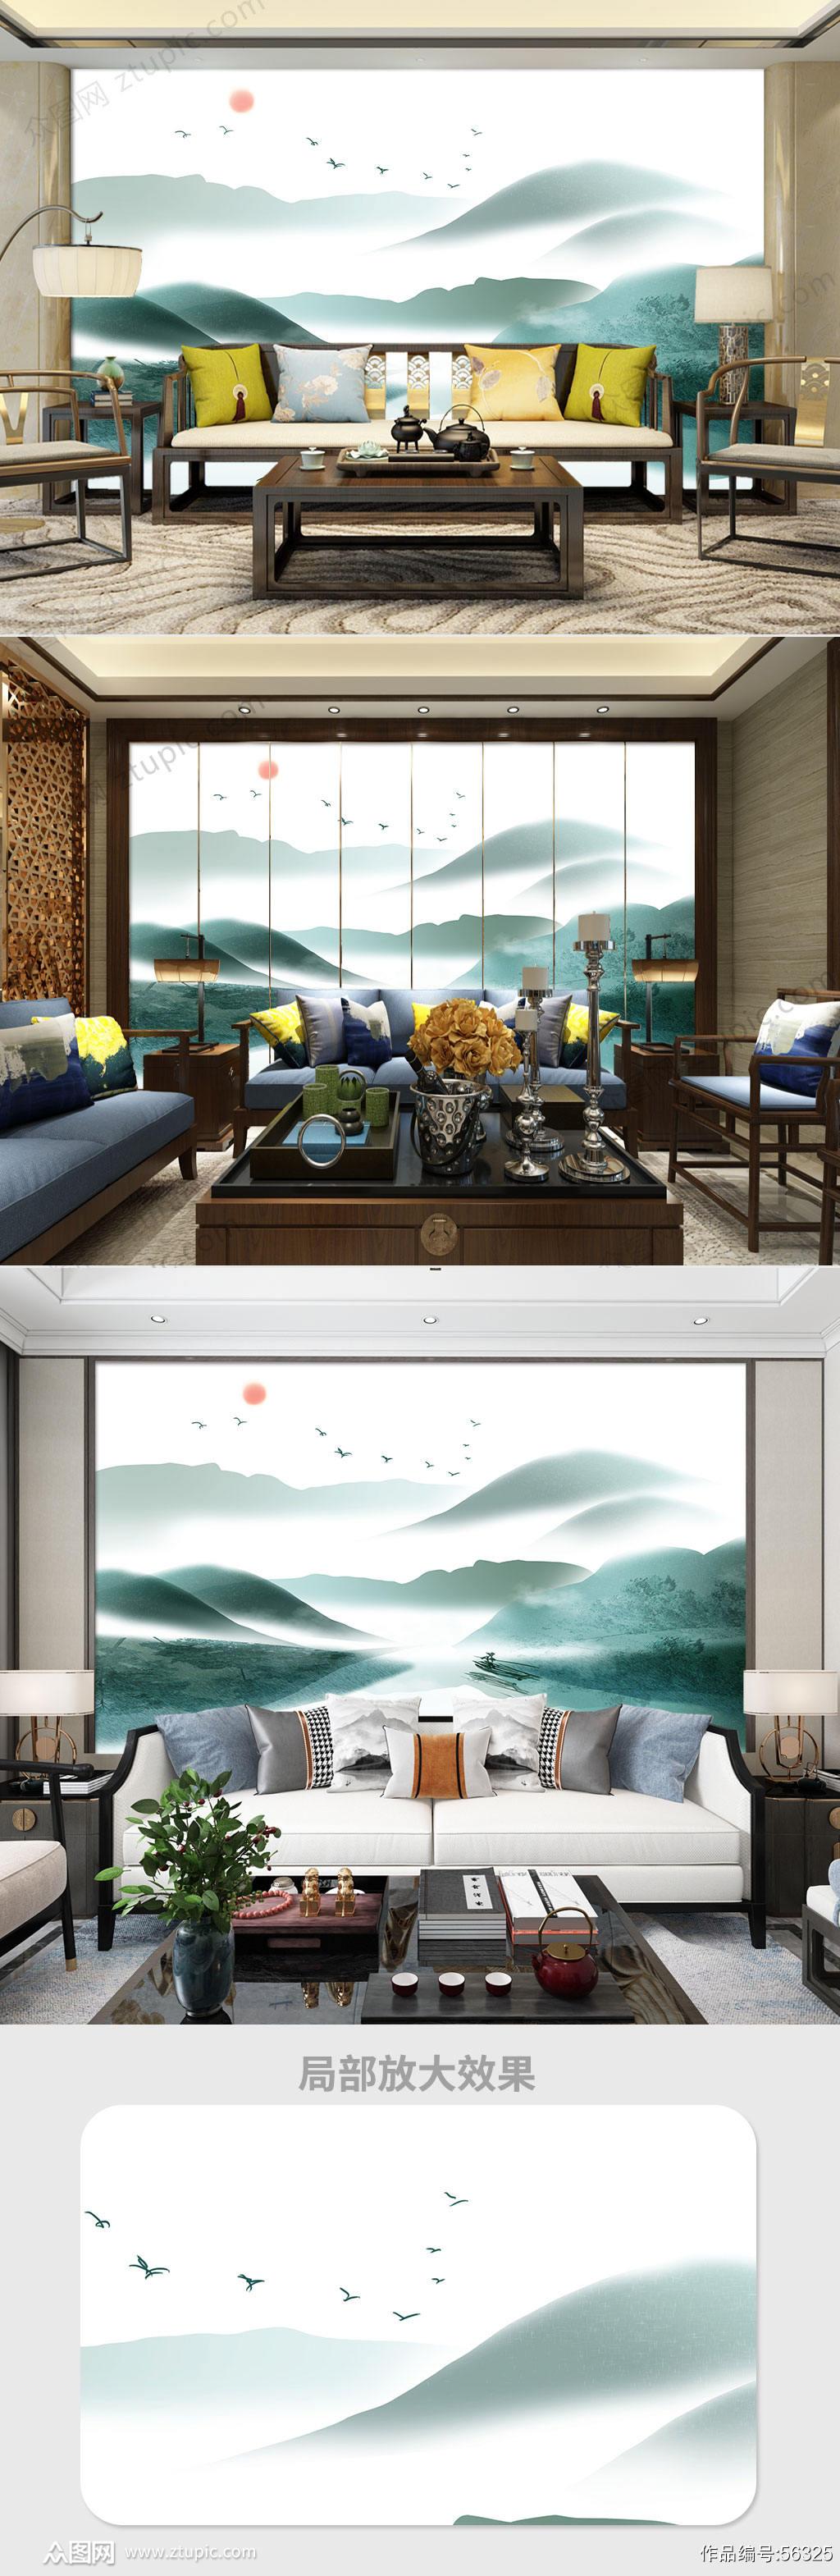 水墨山水客厅电视背景墙素材